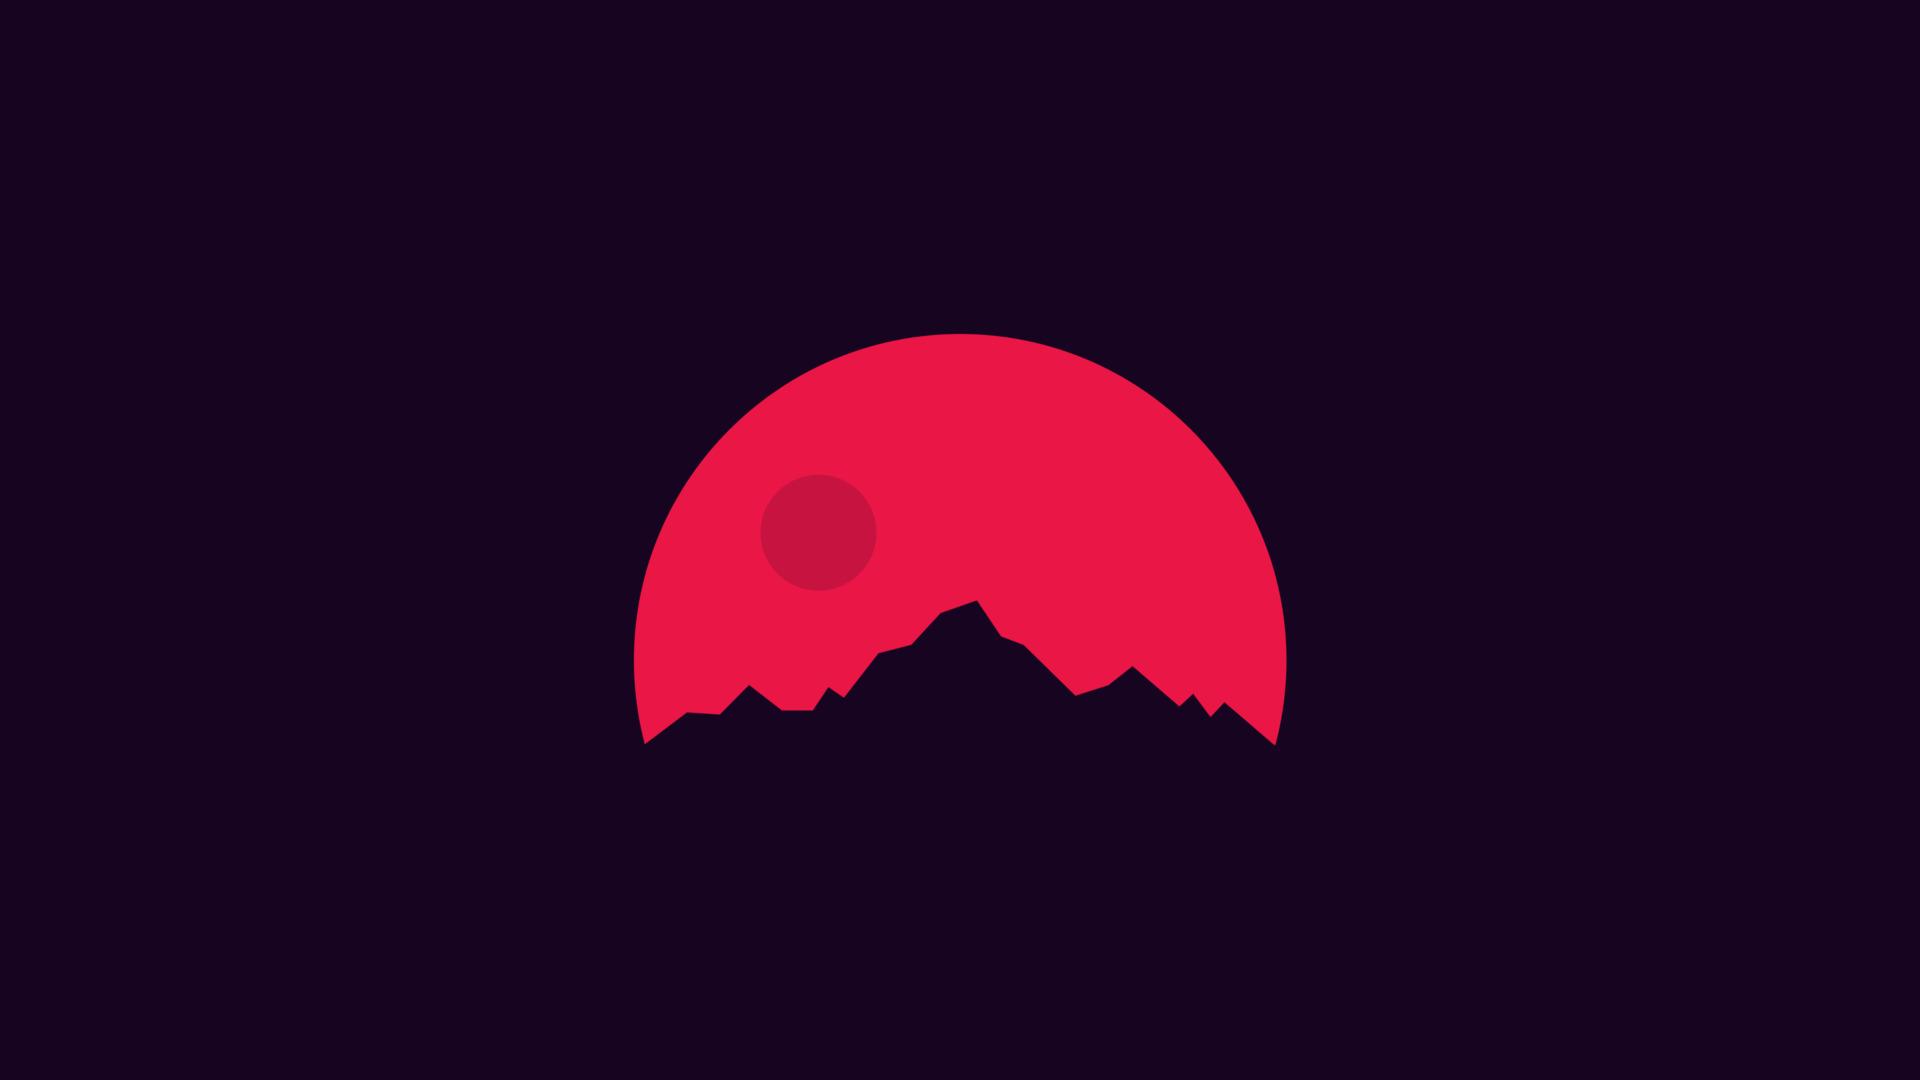 1920x1080 Minimalism Mountains Red Laptop Full Hd 1080p Hd 4k